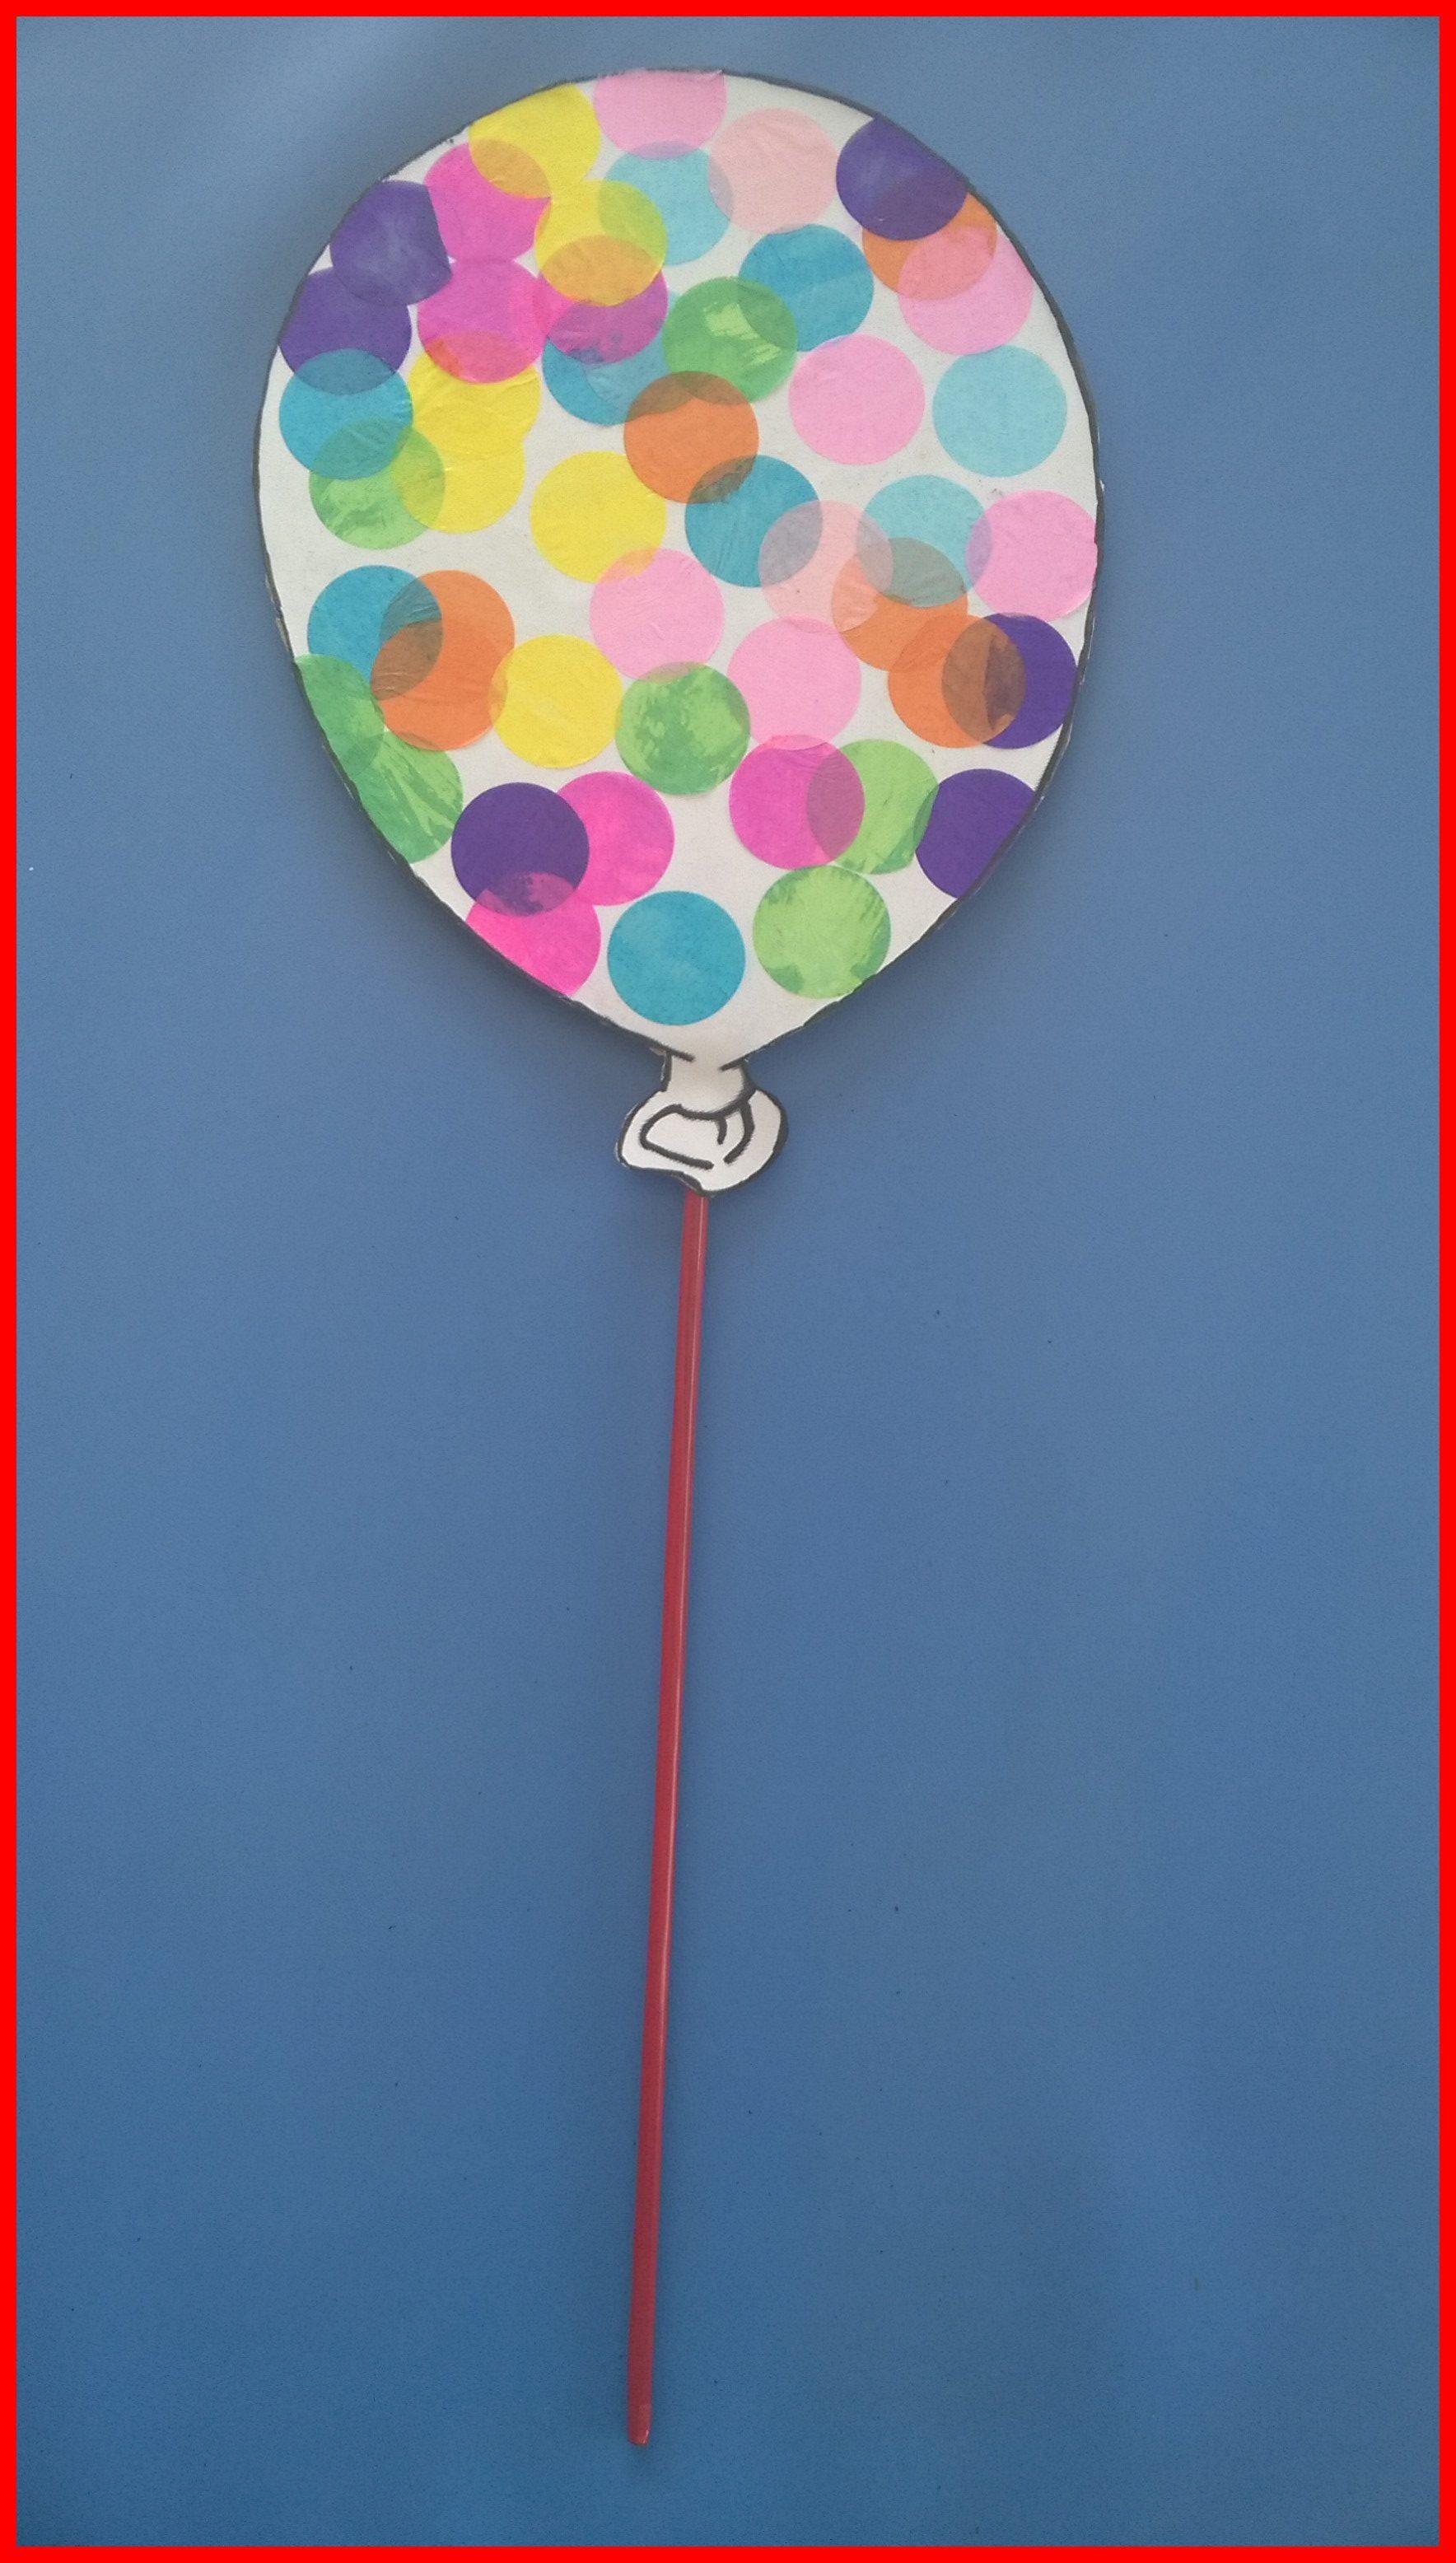 MATERIEL UTILISE coloriage d un ballon de baudruche confettis ronds 3 5 cm de diam¨tre colle blanche carton de récupération assez épais